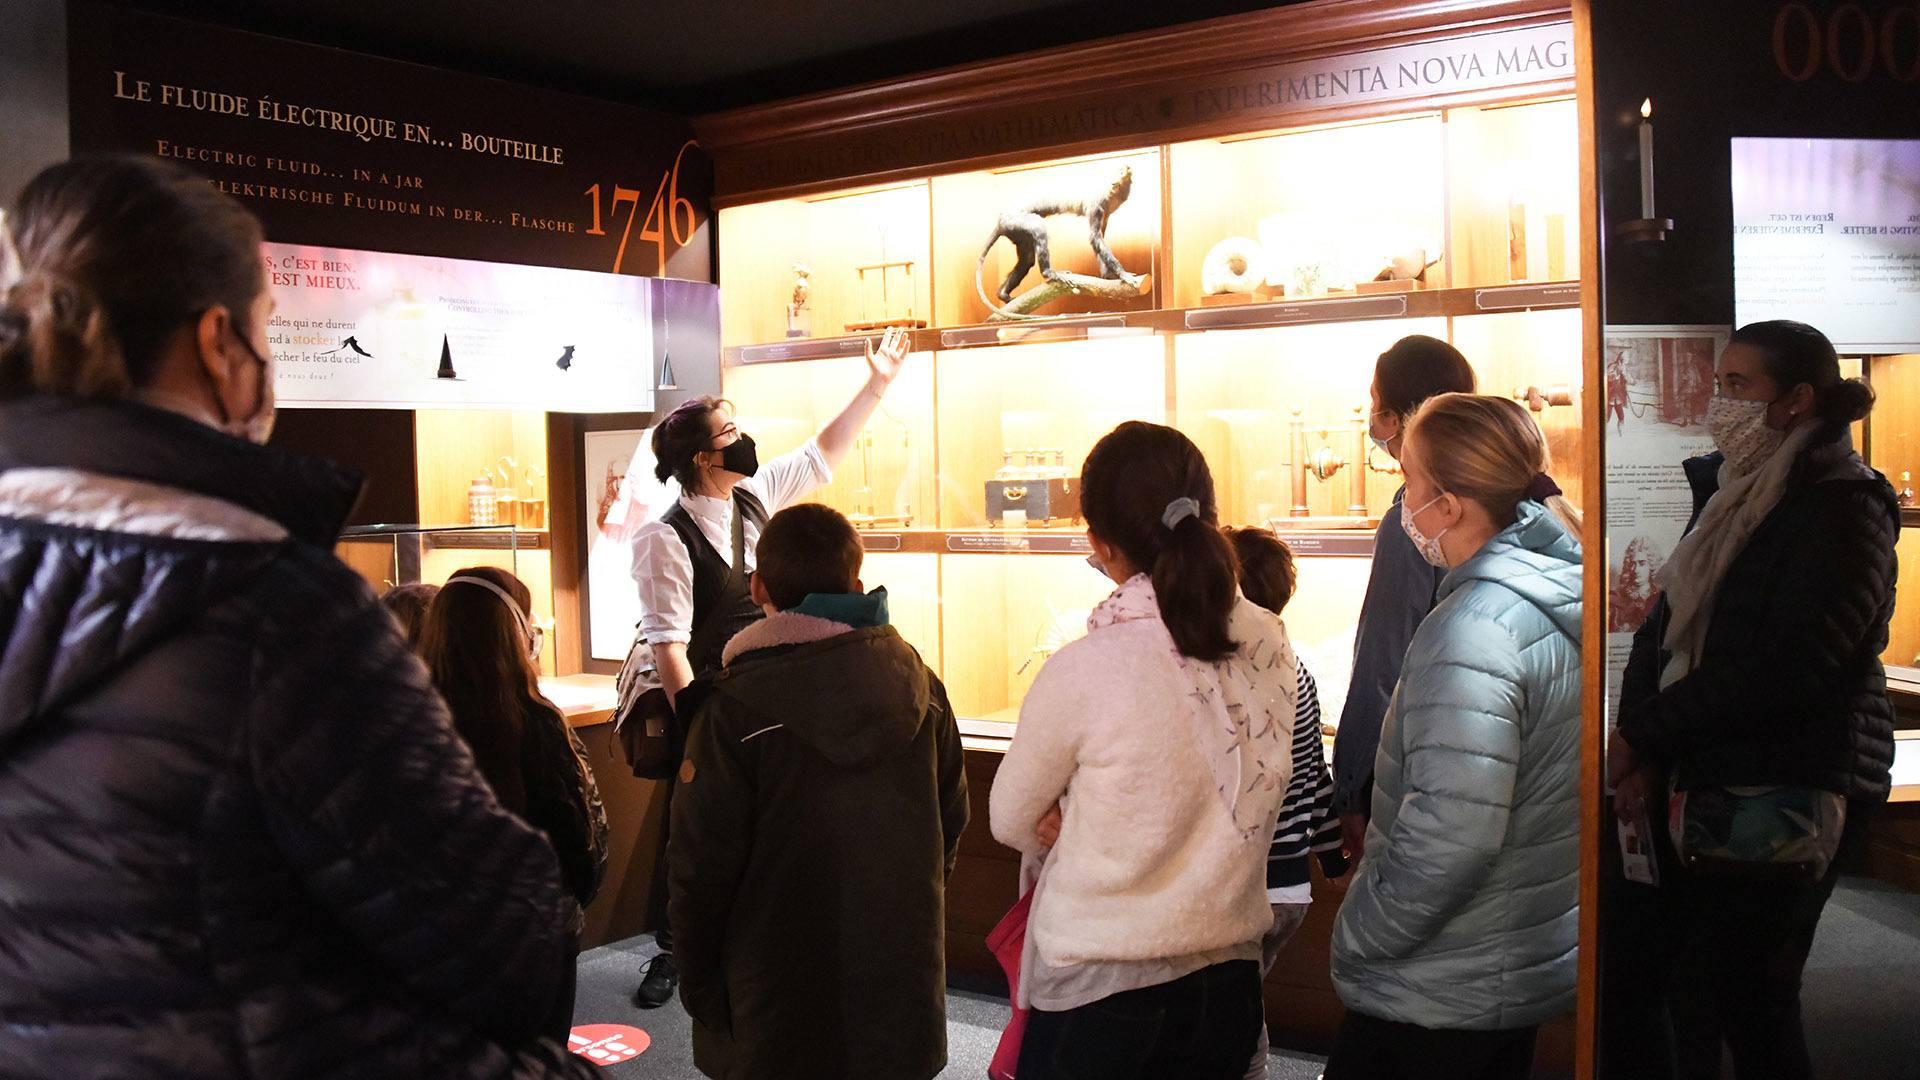 Venez vous faire peur au musée Electropolis : Visite thématique à Electropolis